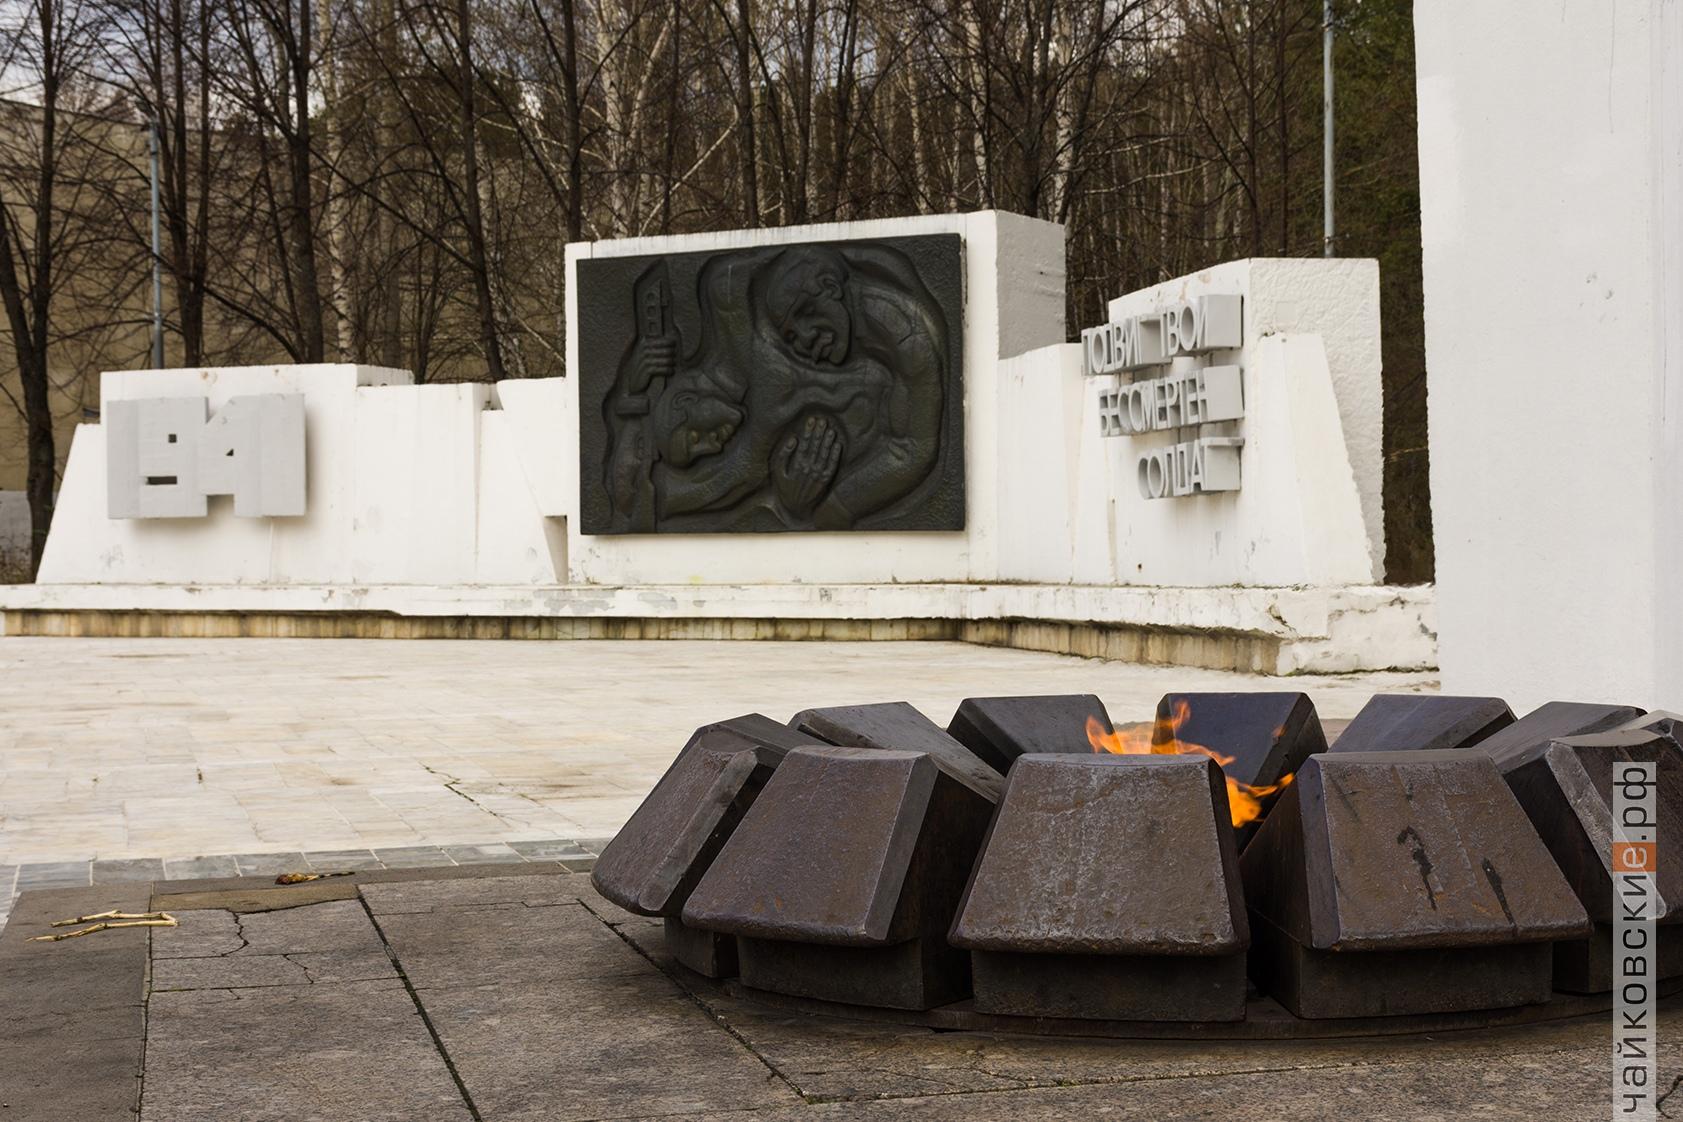 Площадь Победы, чайковский район, 2020 год